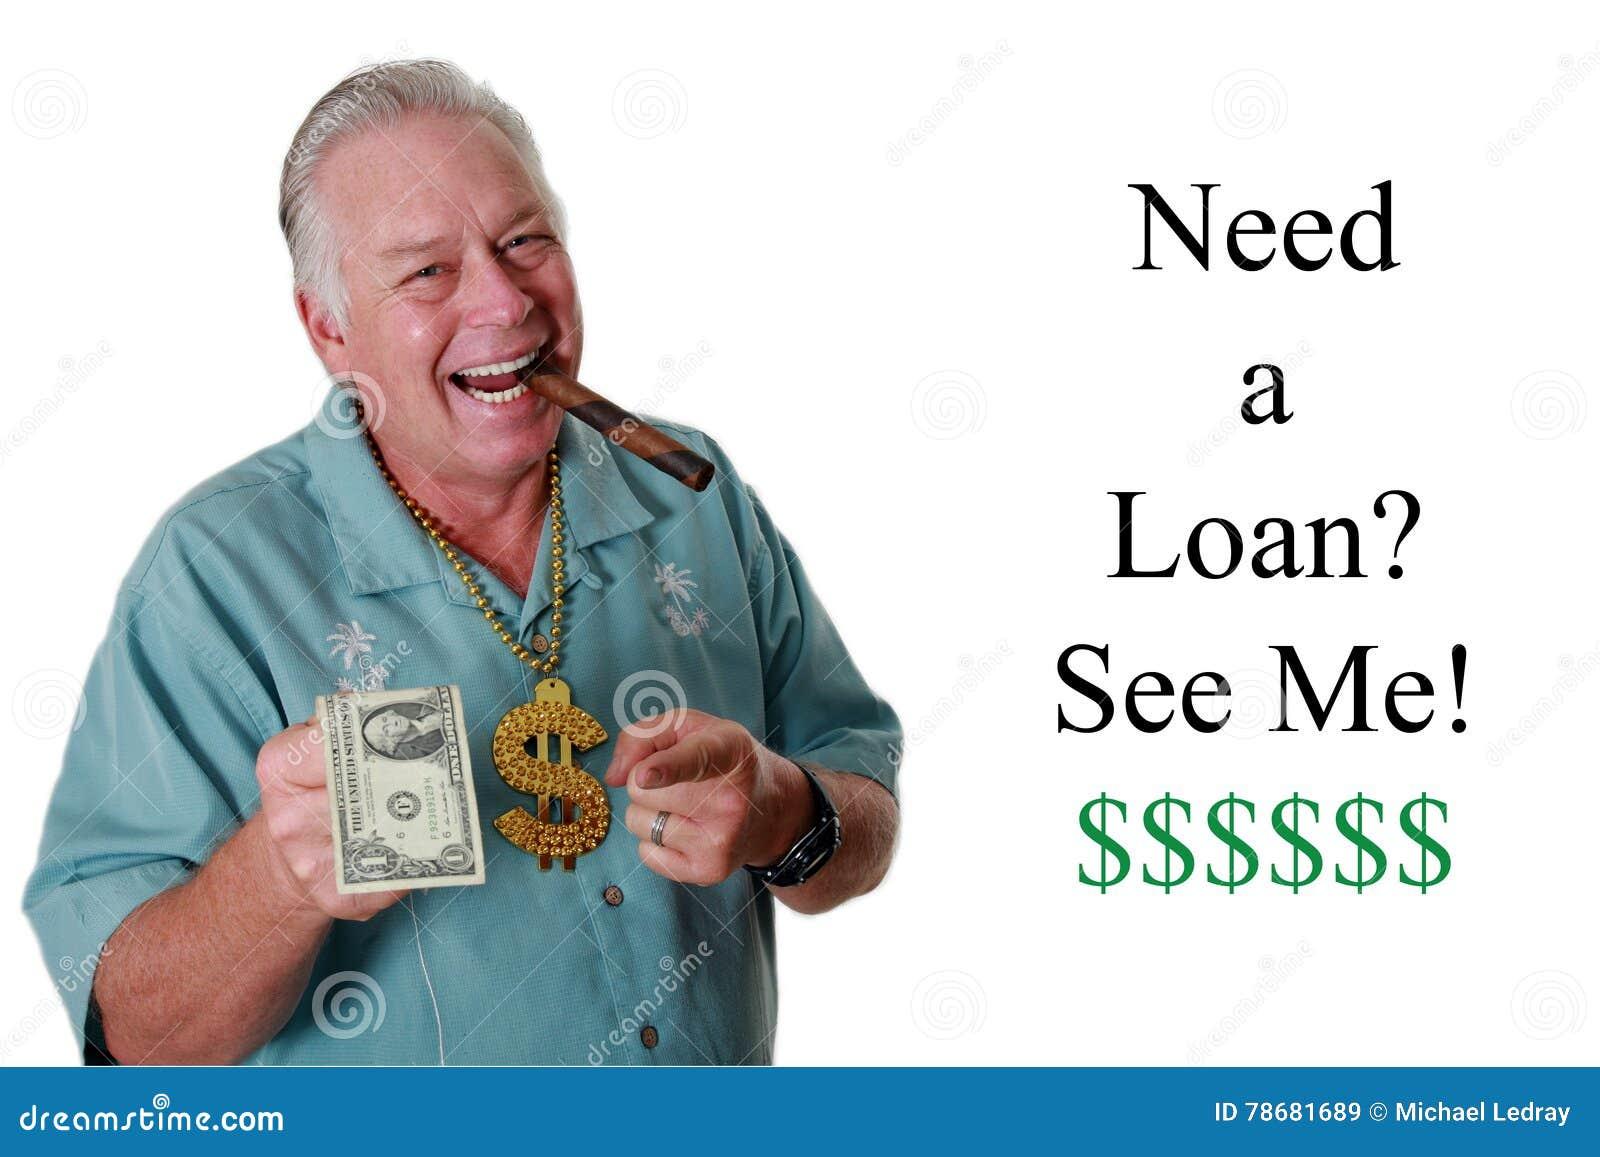 Человек с деньгами Человек выигрывает деньги Человек имеет деньги Человек обнюхивает деньги Человек любит деньги Человек и его де